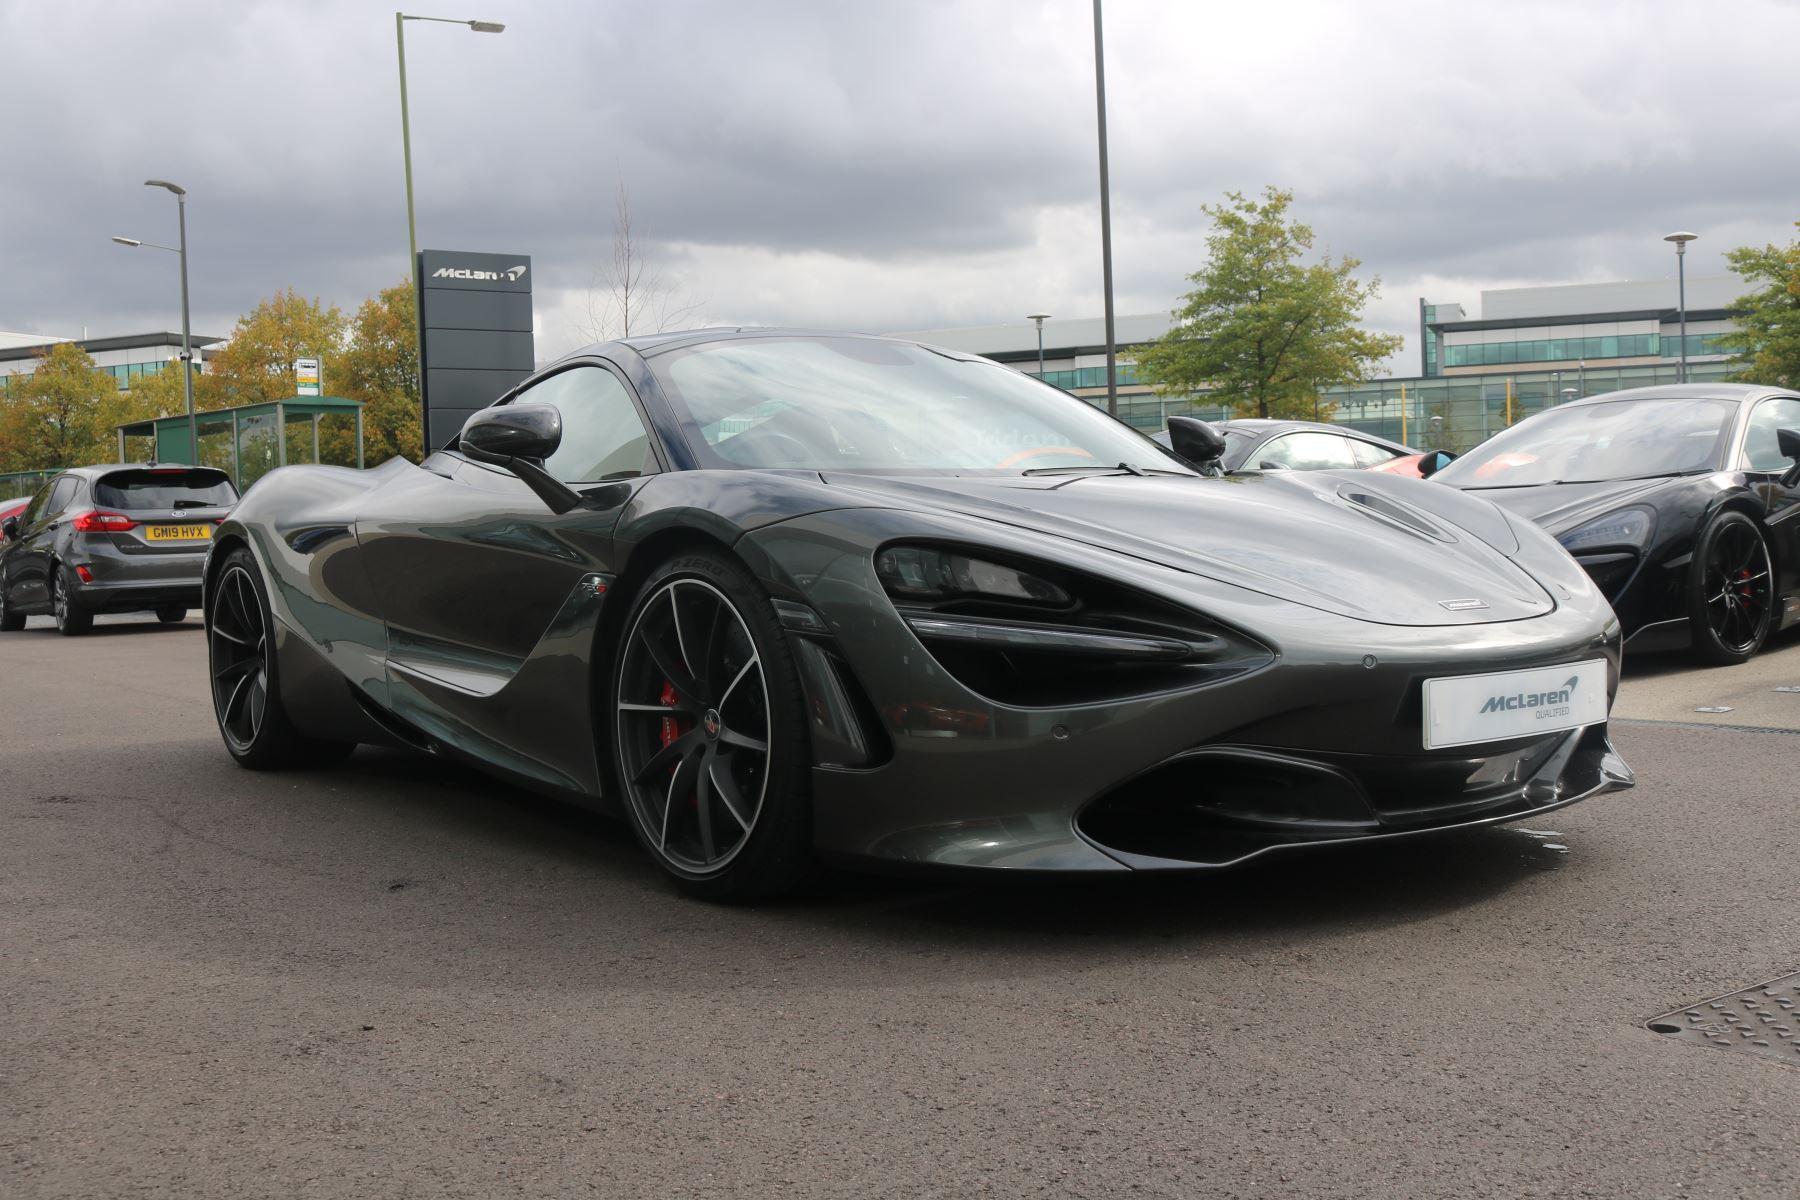 McLaren 720S Performance image 3